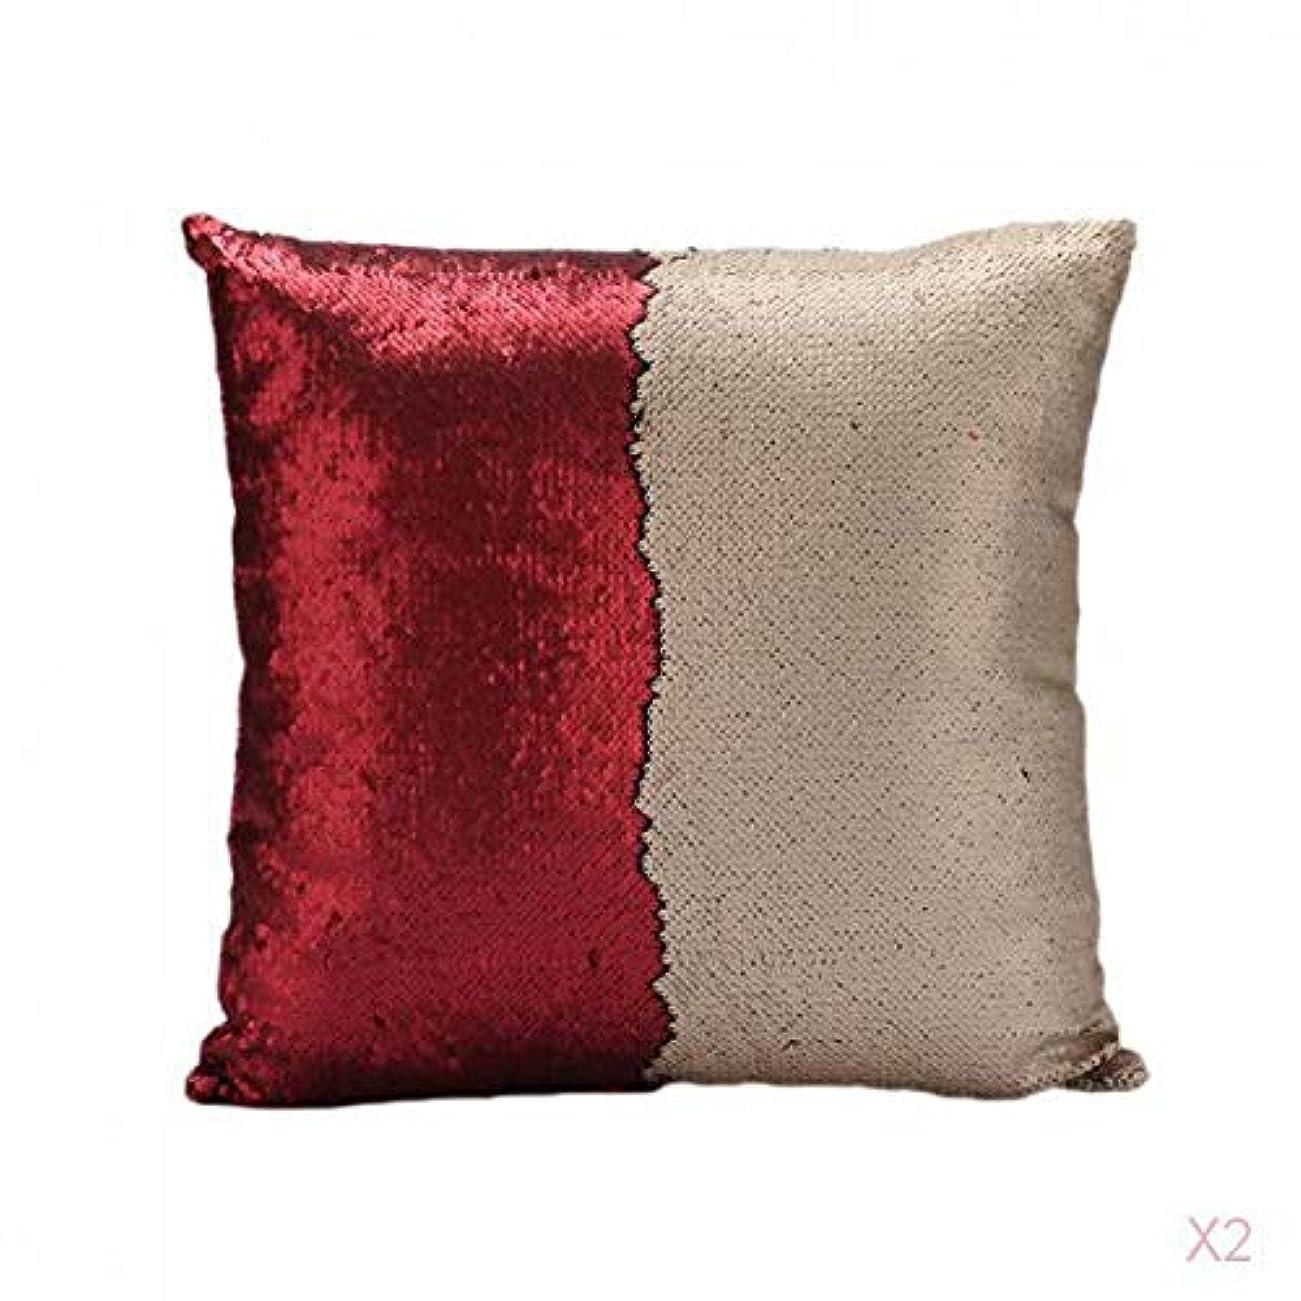 歯合理化抜粋赤可逆スエードスパンコールソファ腰クッションカバーベッドの枕カバースリップ